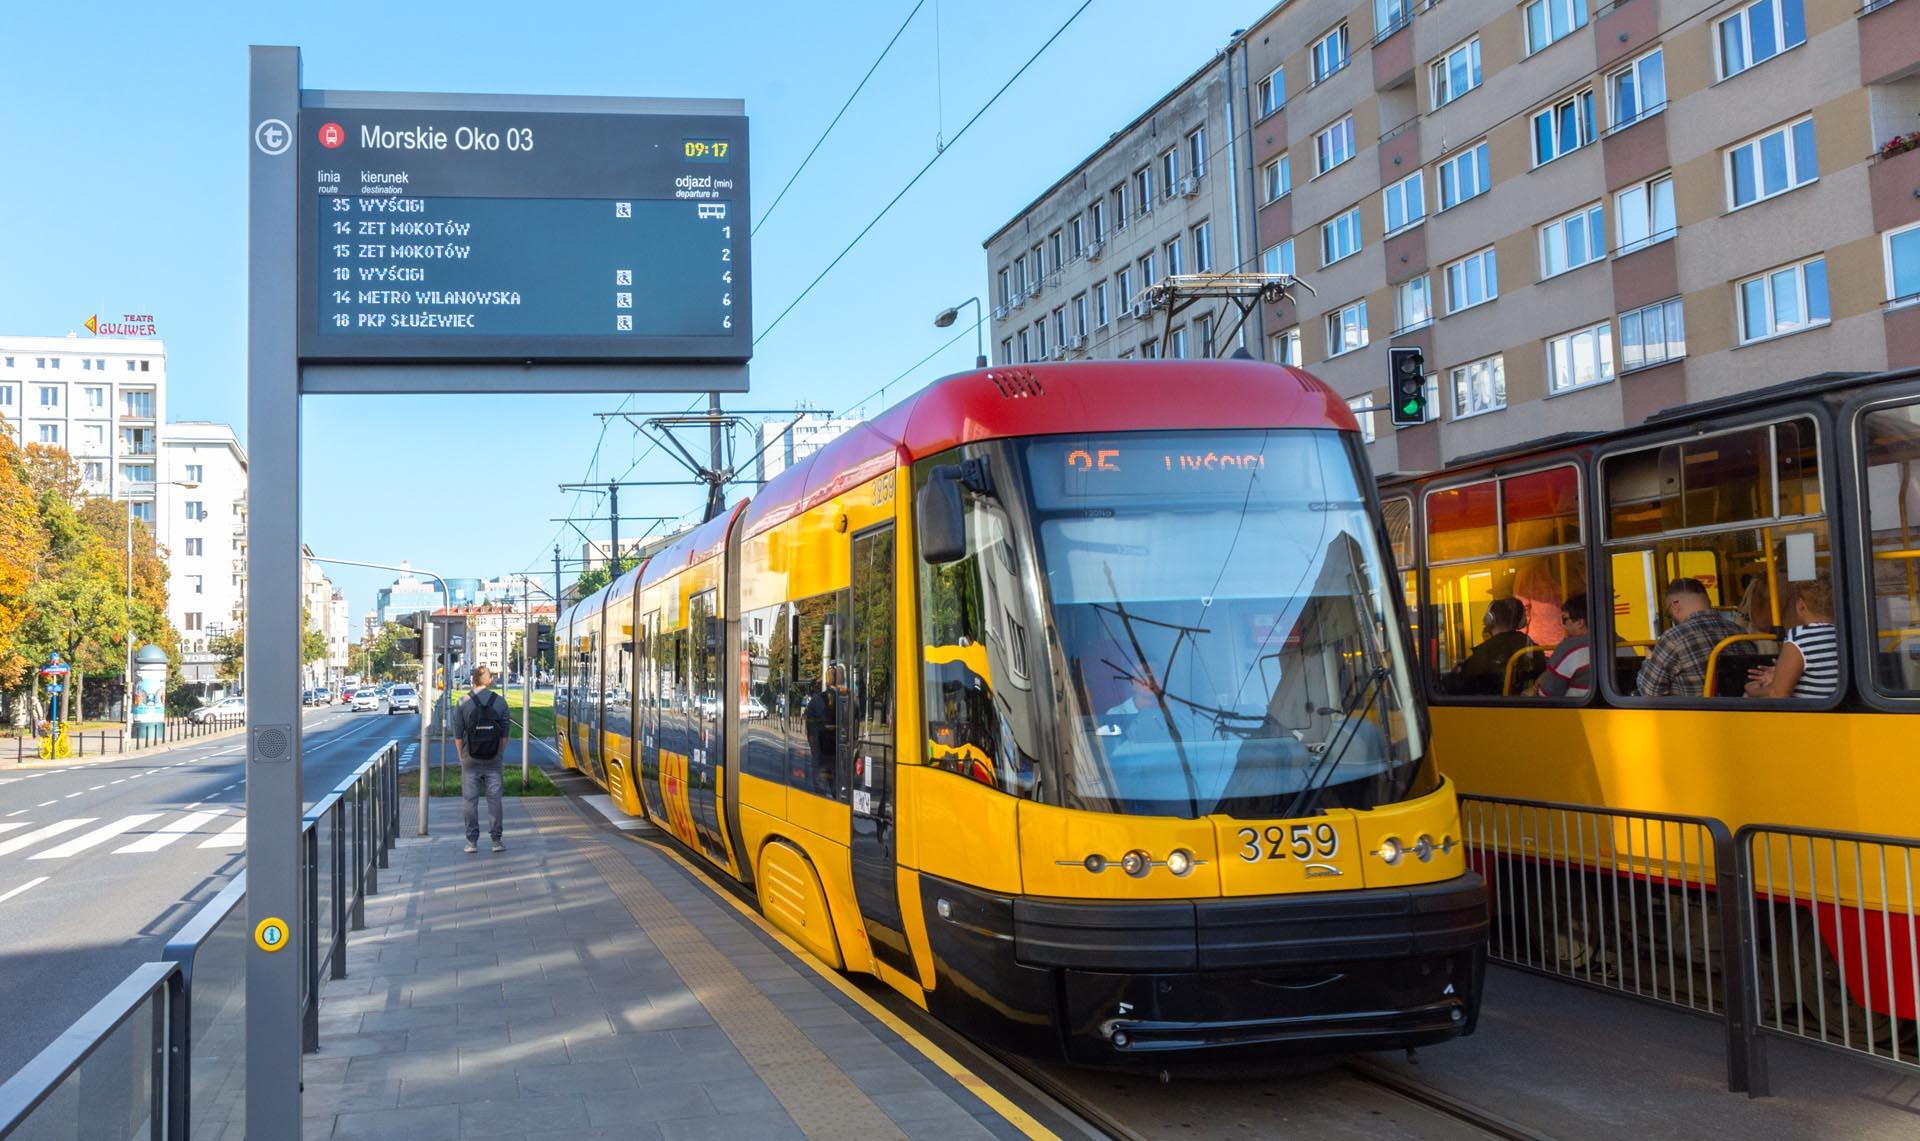 Tablica informacji pasażerskiej LED wyświetla wszystkie dane w czasie rzeczywistym - nawet dotyczące opóźnień albo kursów, które wypadły.